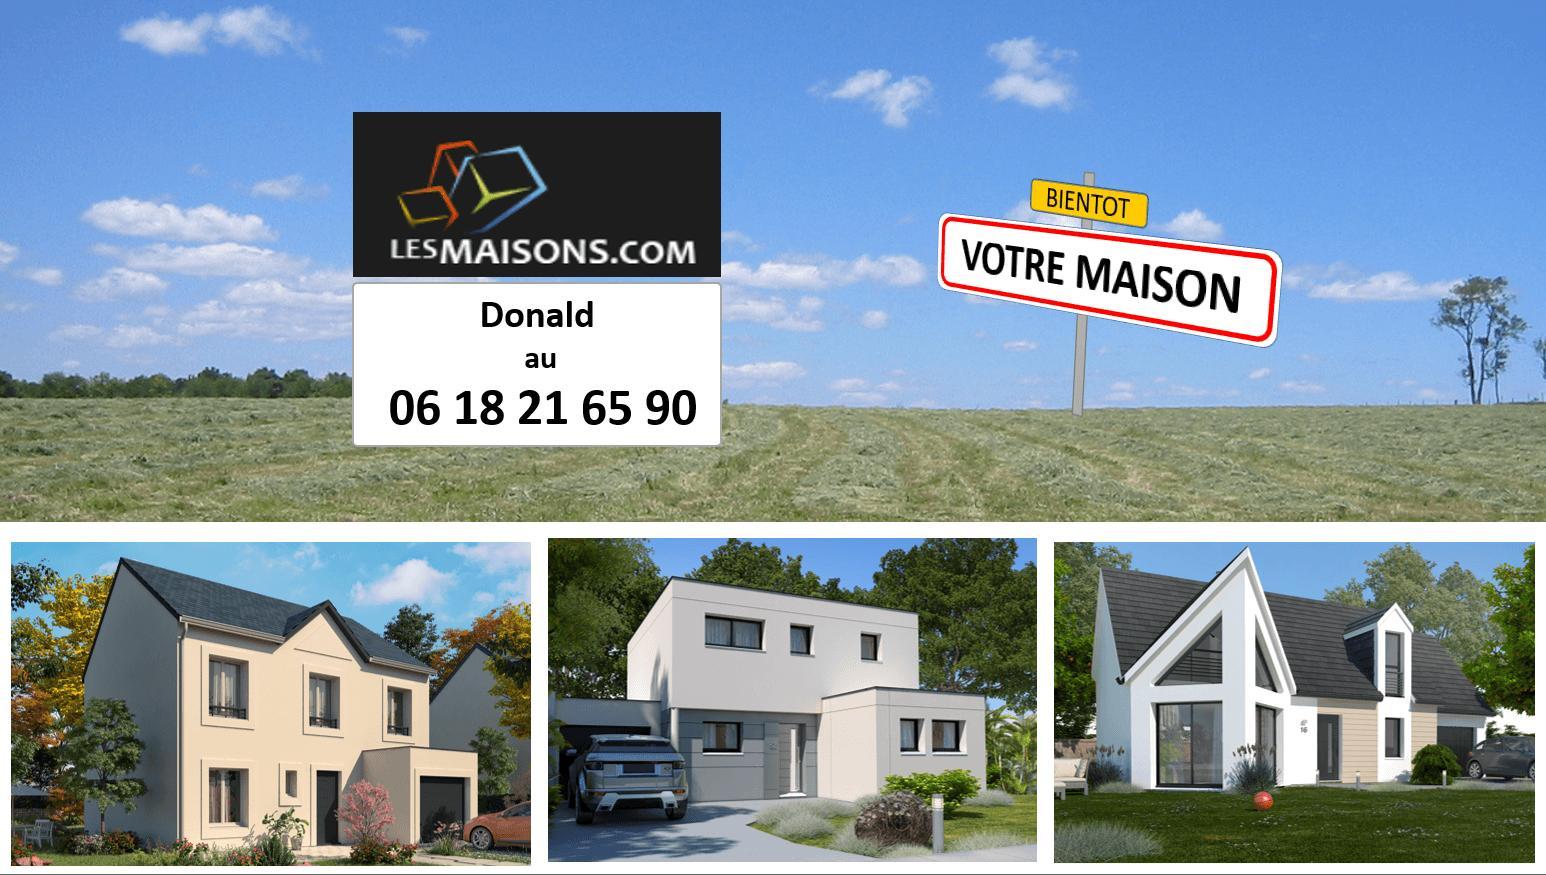 Terrains du constructeur LES MAISONS.COM LA VILLE DU BOIS • 310 m² • MORSANG SUR ORGE